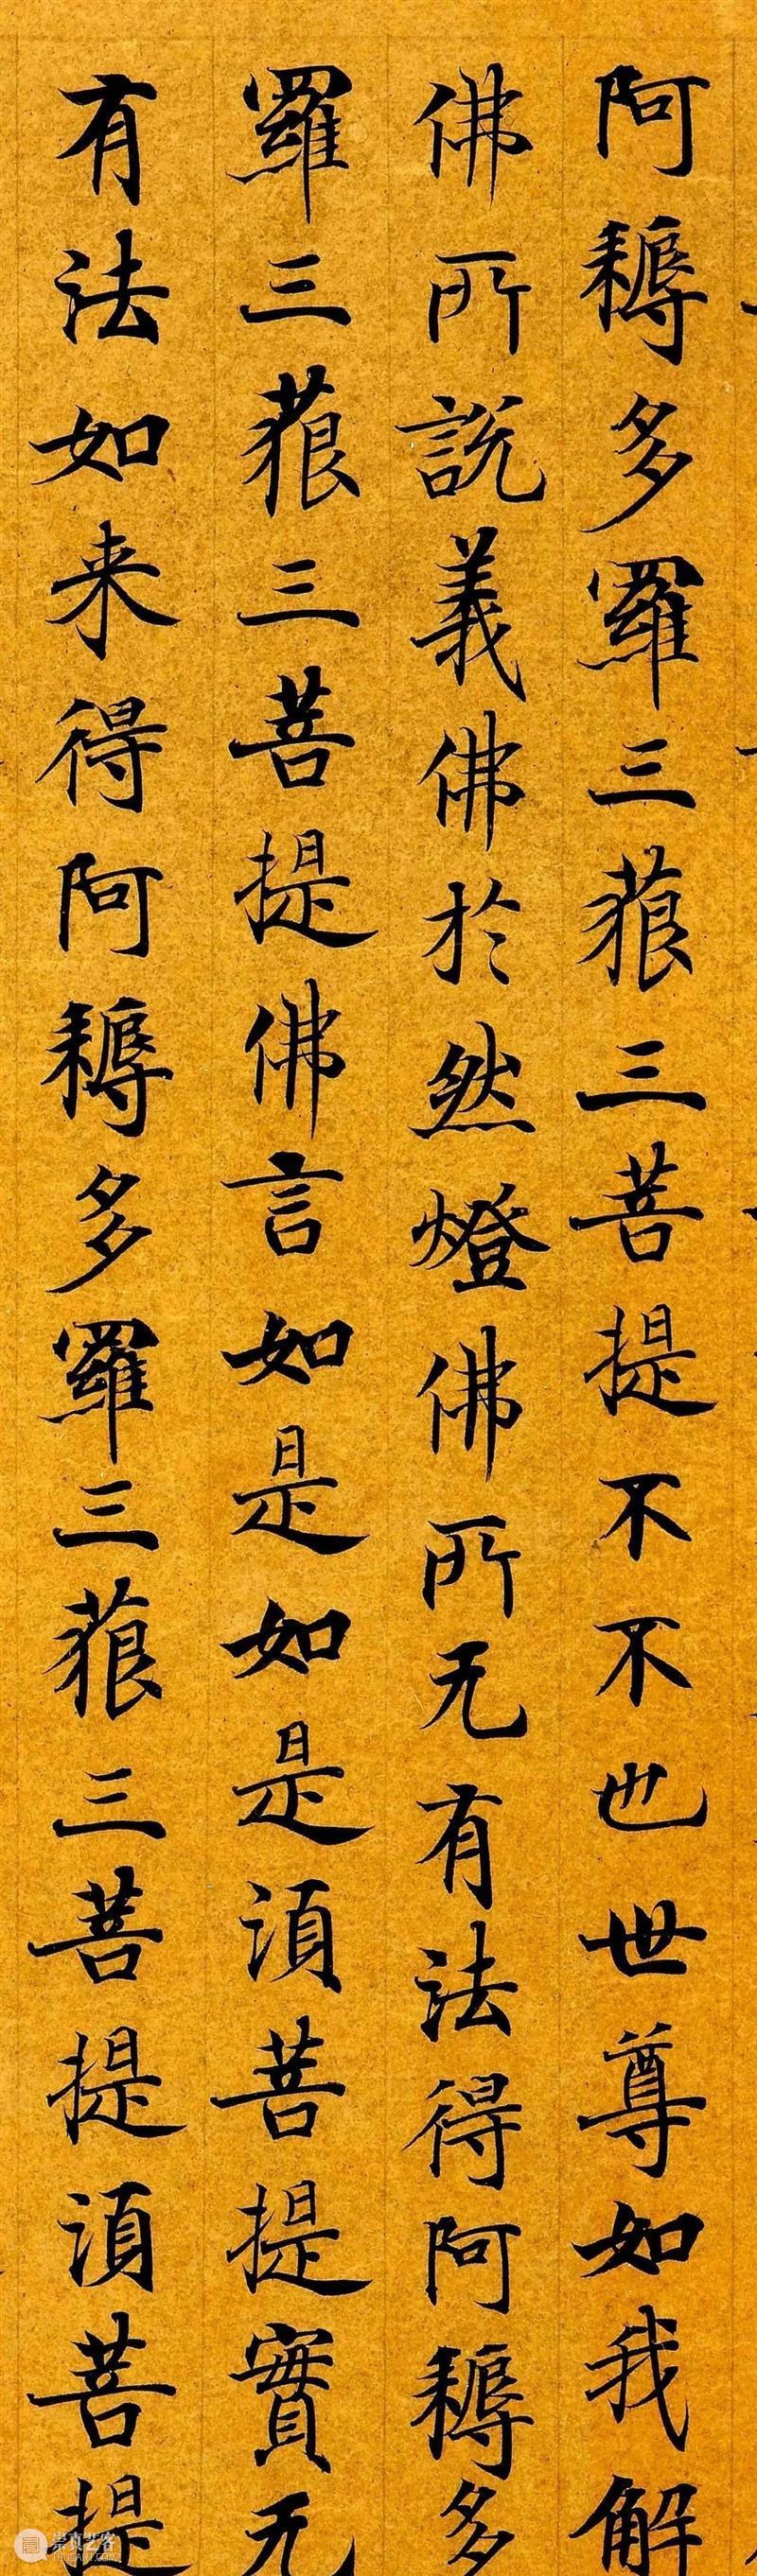 武则天为母亲写的小楷,美不胜收 小楷 武则天 母亲 上方 青铜器 账号 木雕 文化 知识 木材 崇真艺客